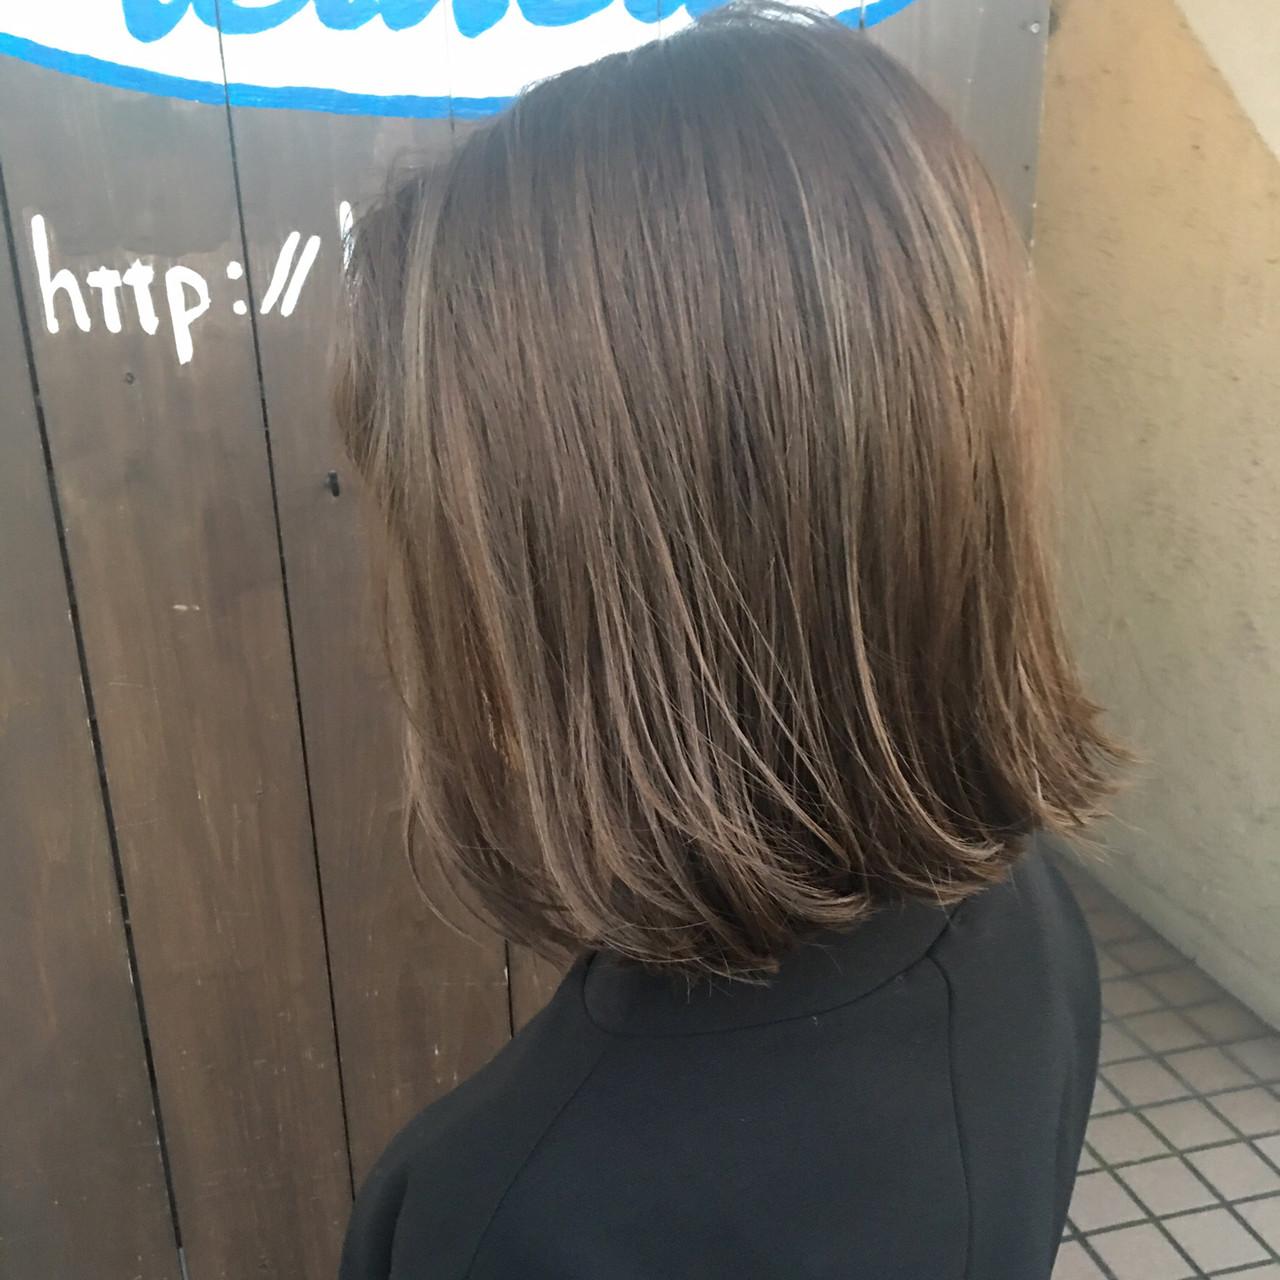 ボブ 地毛風カラー 切りっぱなしボブ フェミニン ヘアスタイルや髪型の写真・画像